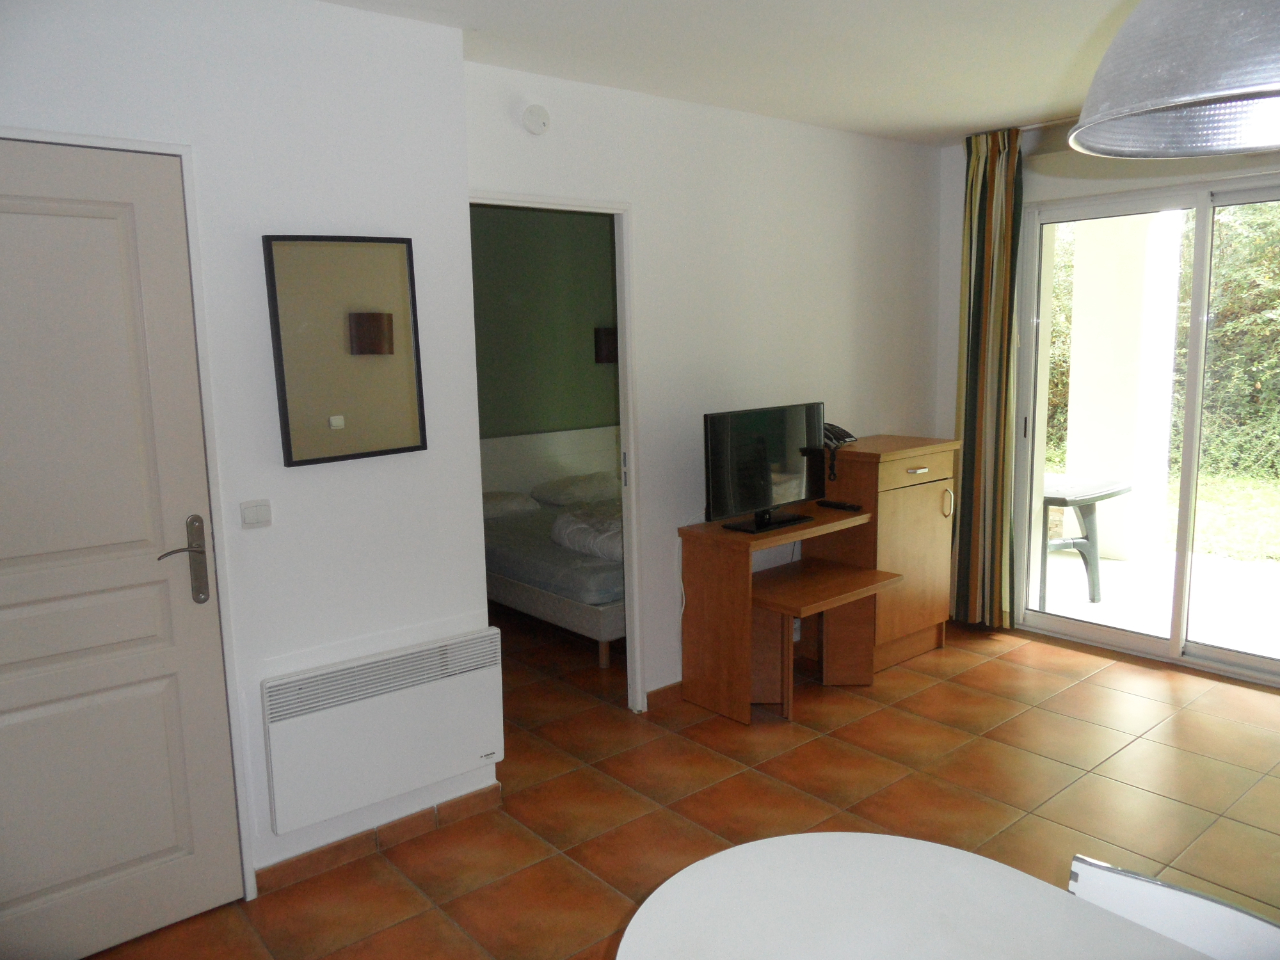 Vente appartement T2  à SAINT JEAN DE LUZ - 3